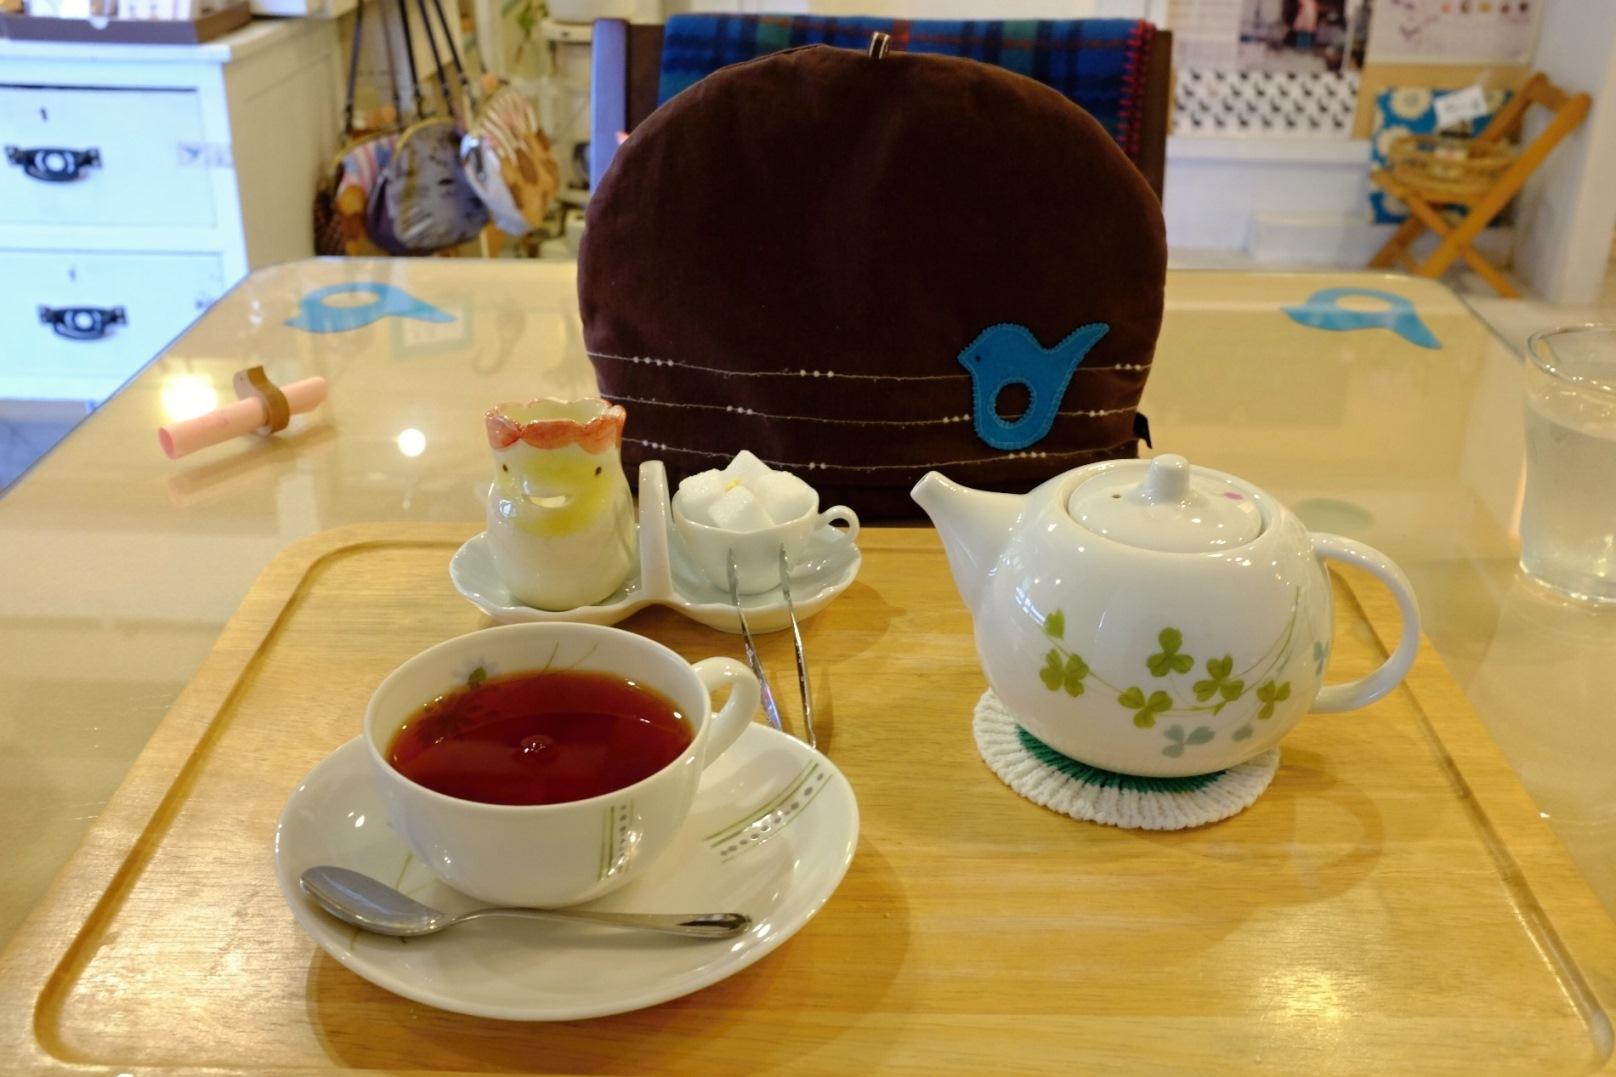 甘味遊行 パトリ cafe/market  / 奈良町_d0233770_23255323.jpg